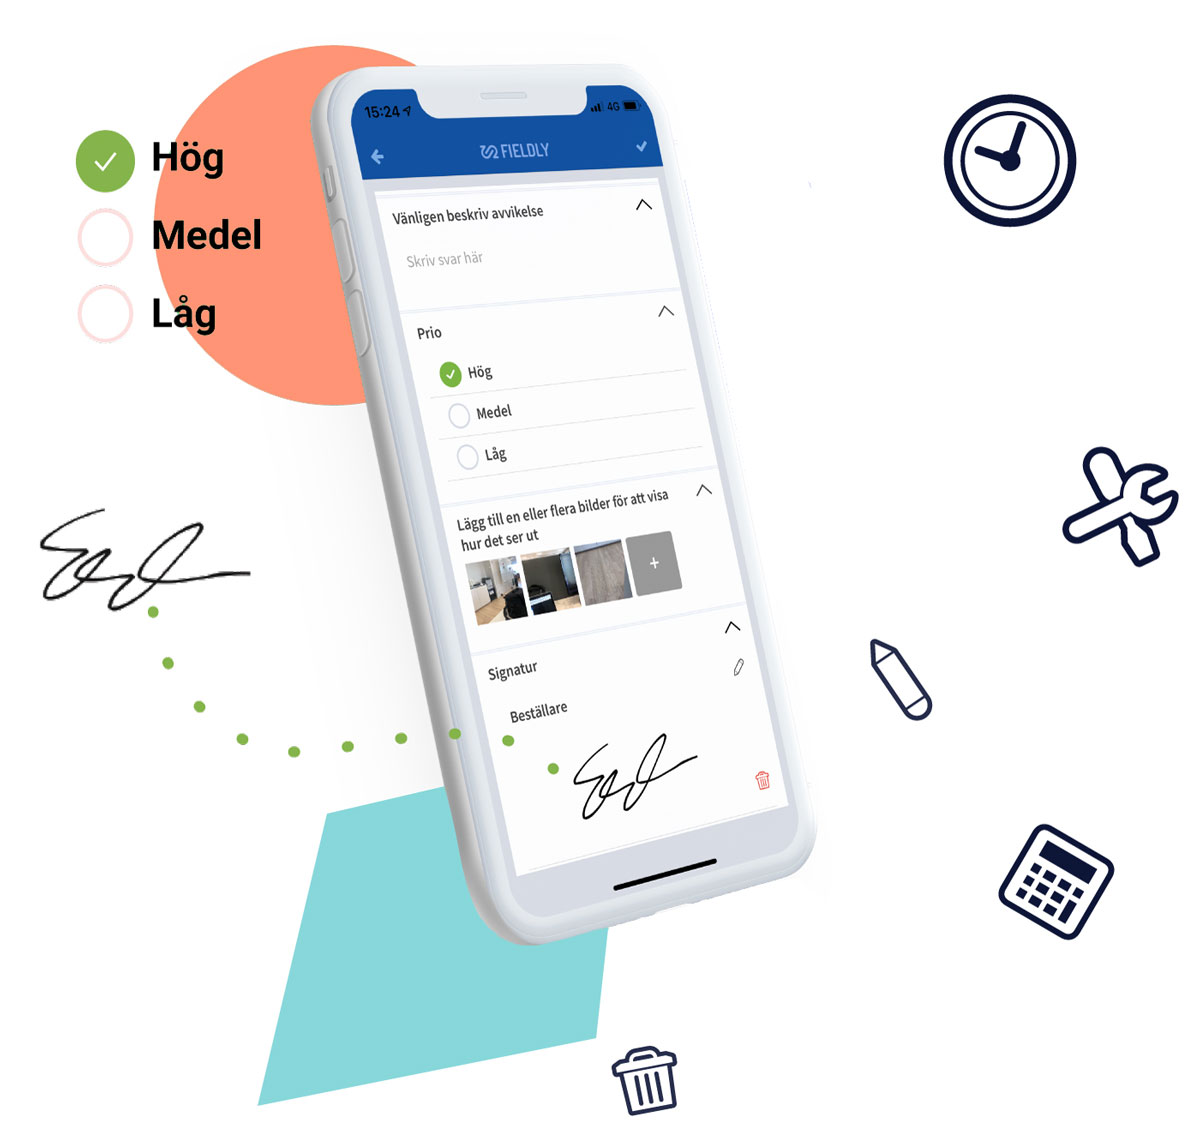 mobila checklistor och tidrapportering app